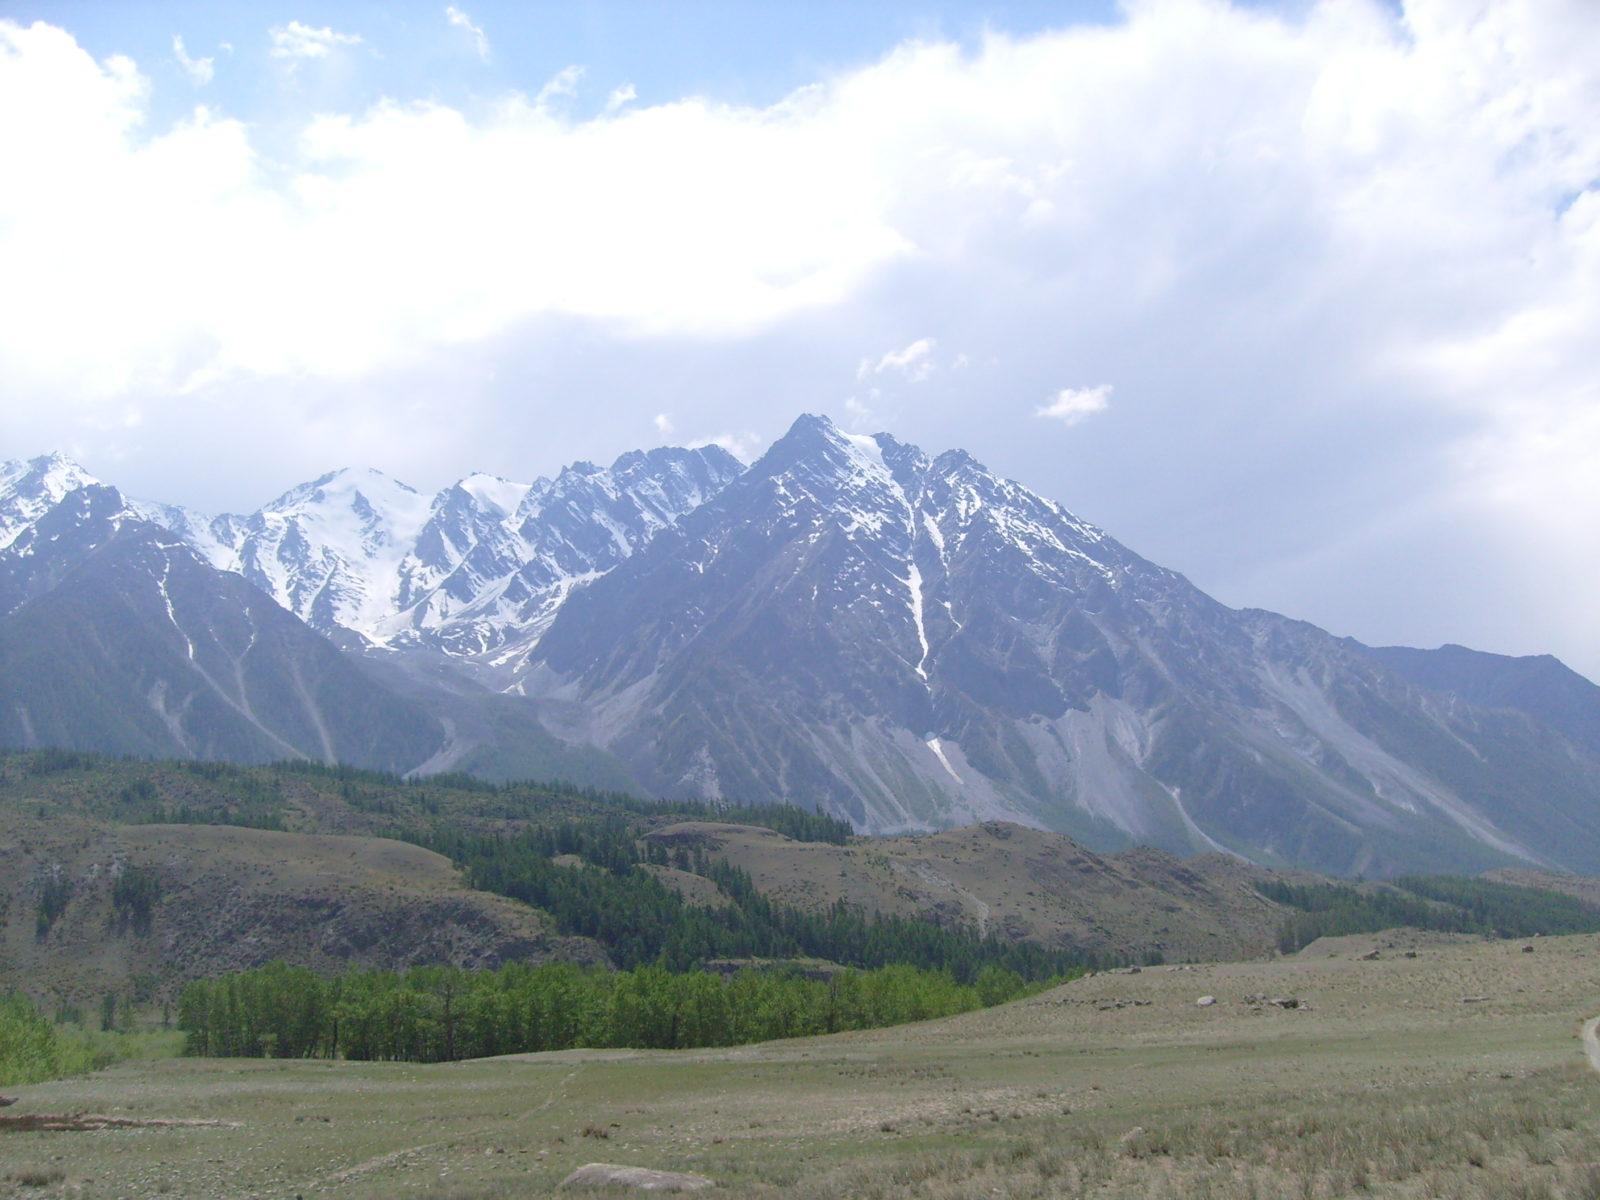 Алтай. Кош-Агачский район. Восточная оконечность Катунского хребта.